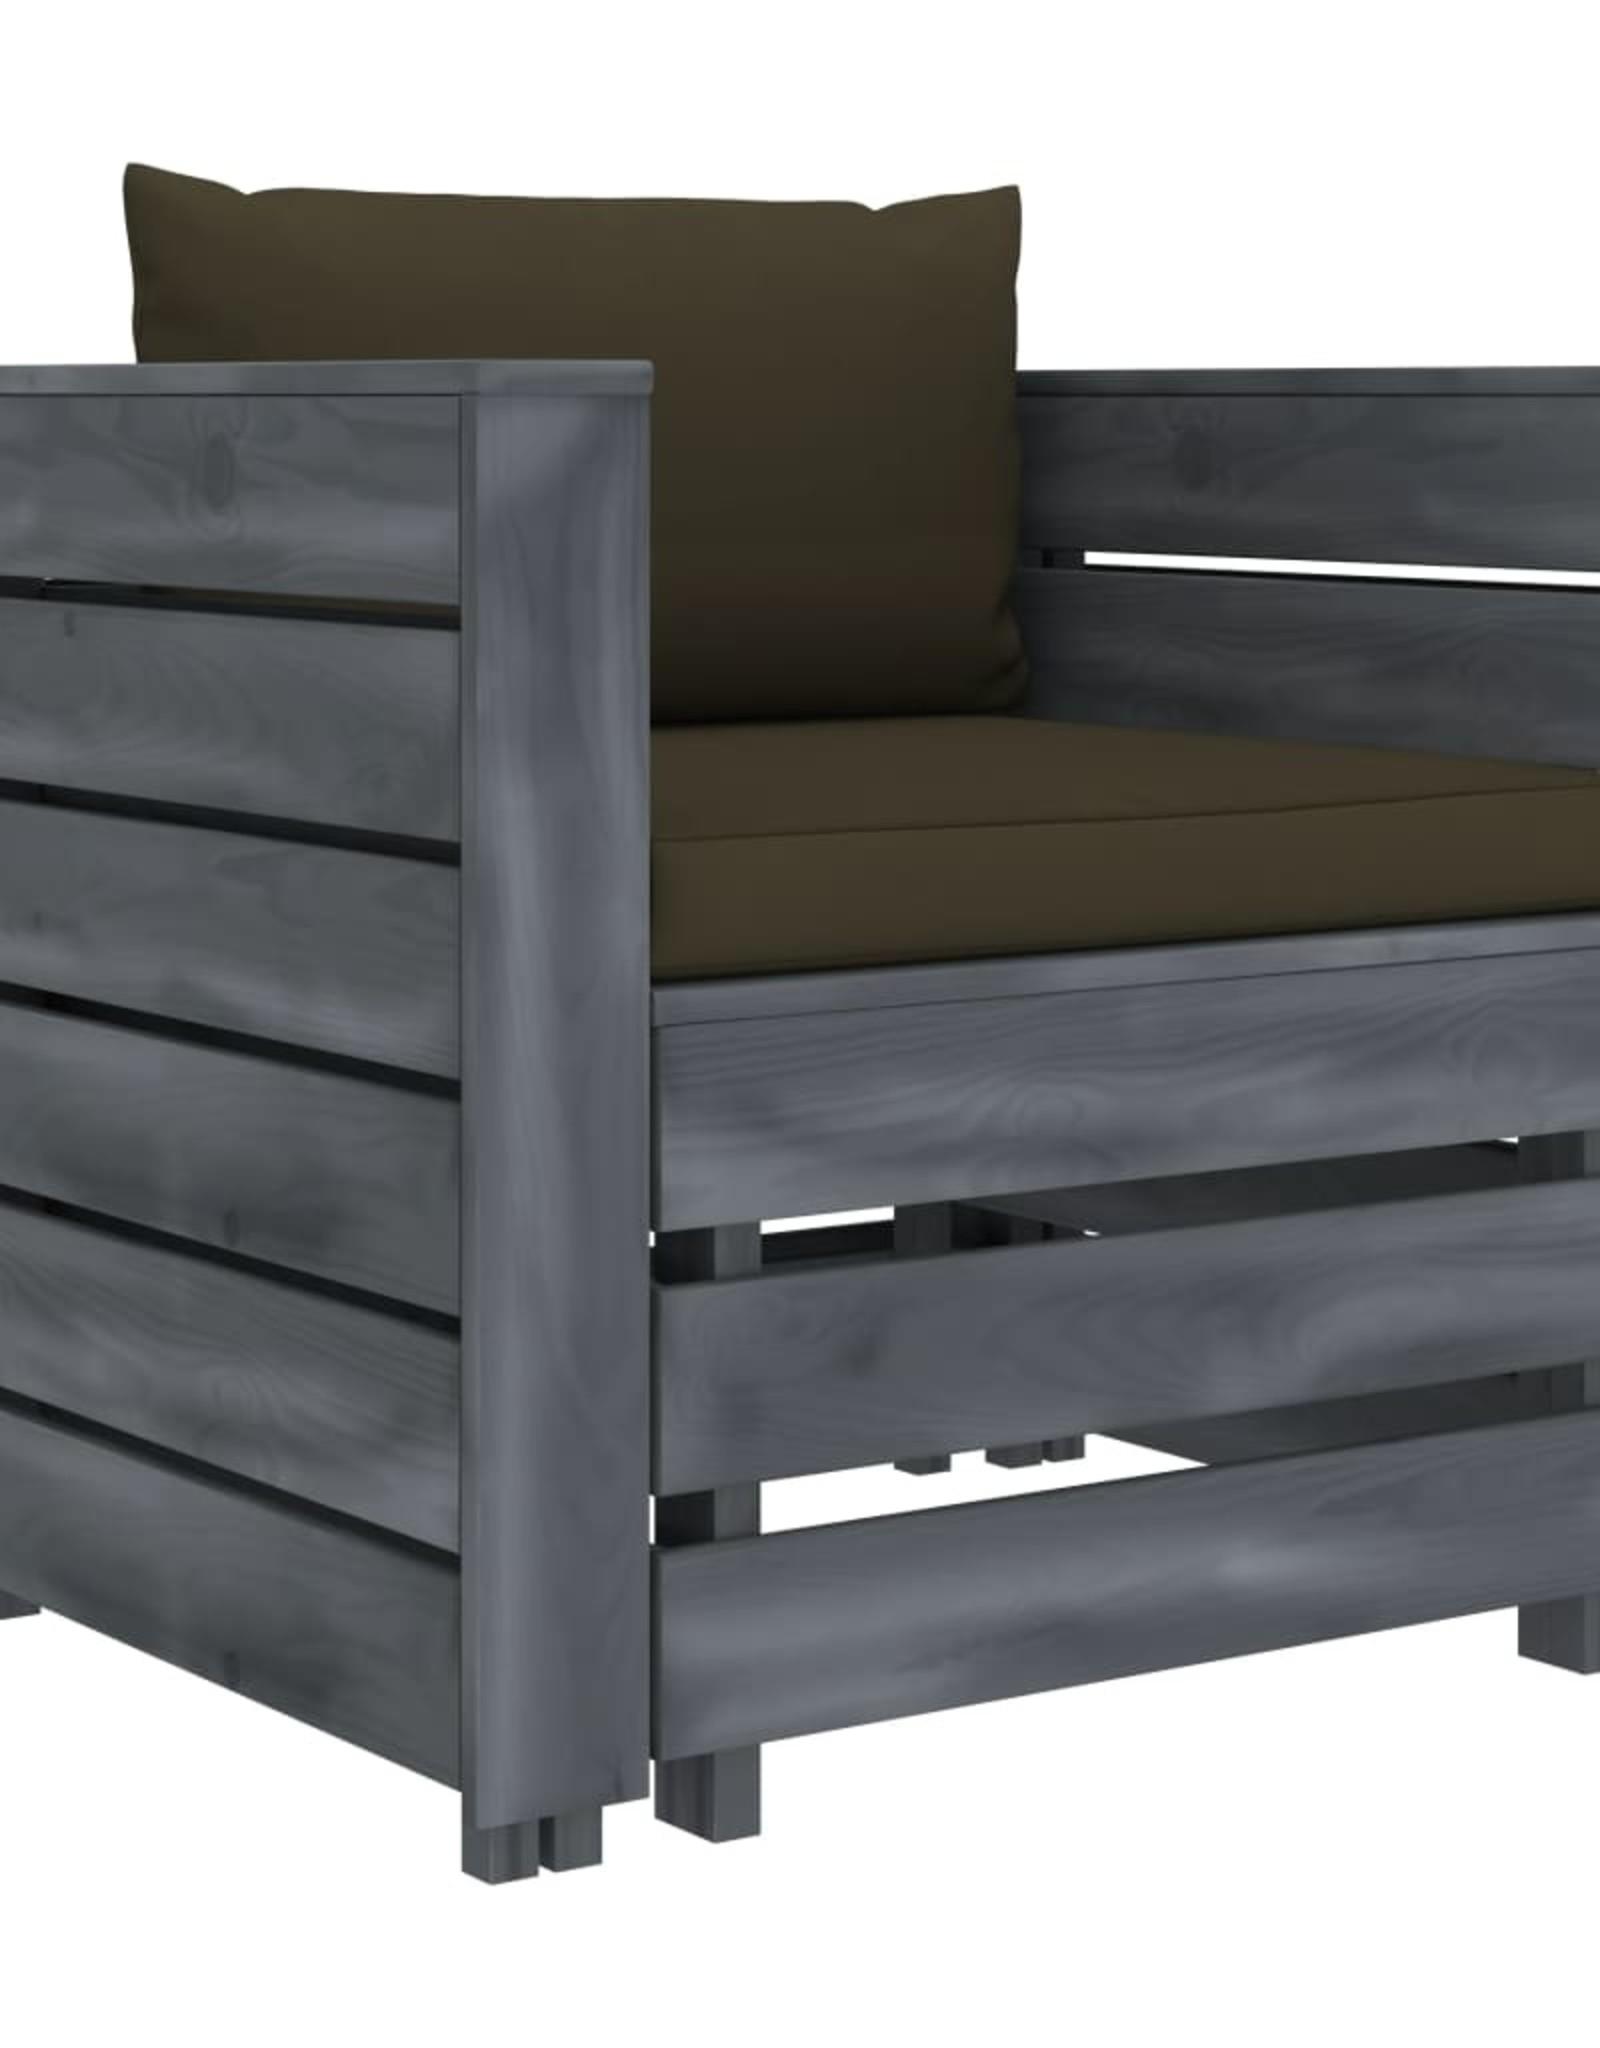 vidaXL 2-delige Loungeset met taupekleurige kussens hout